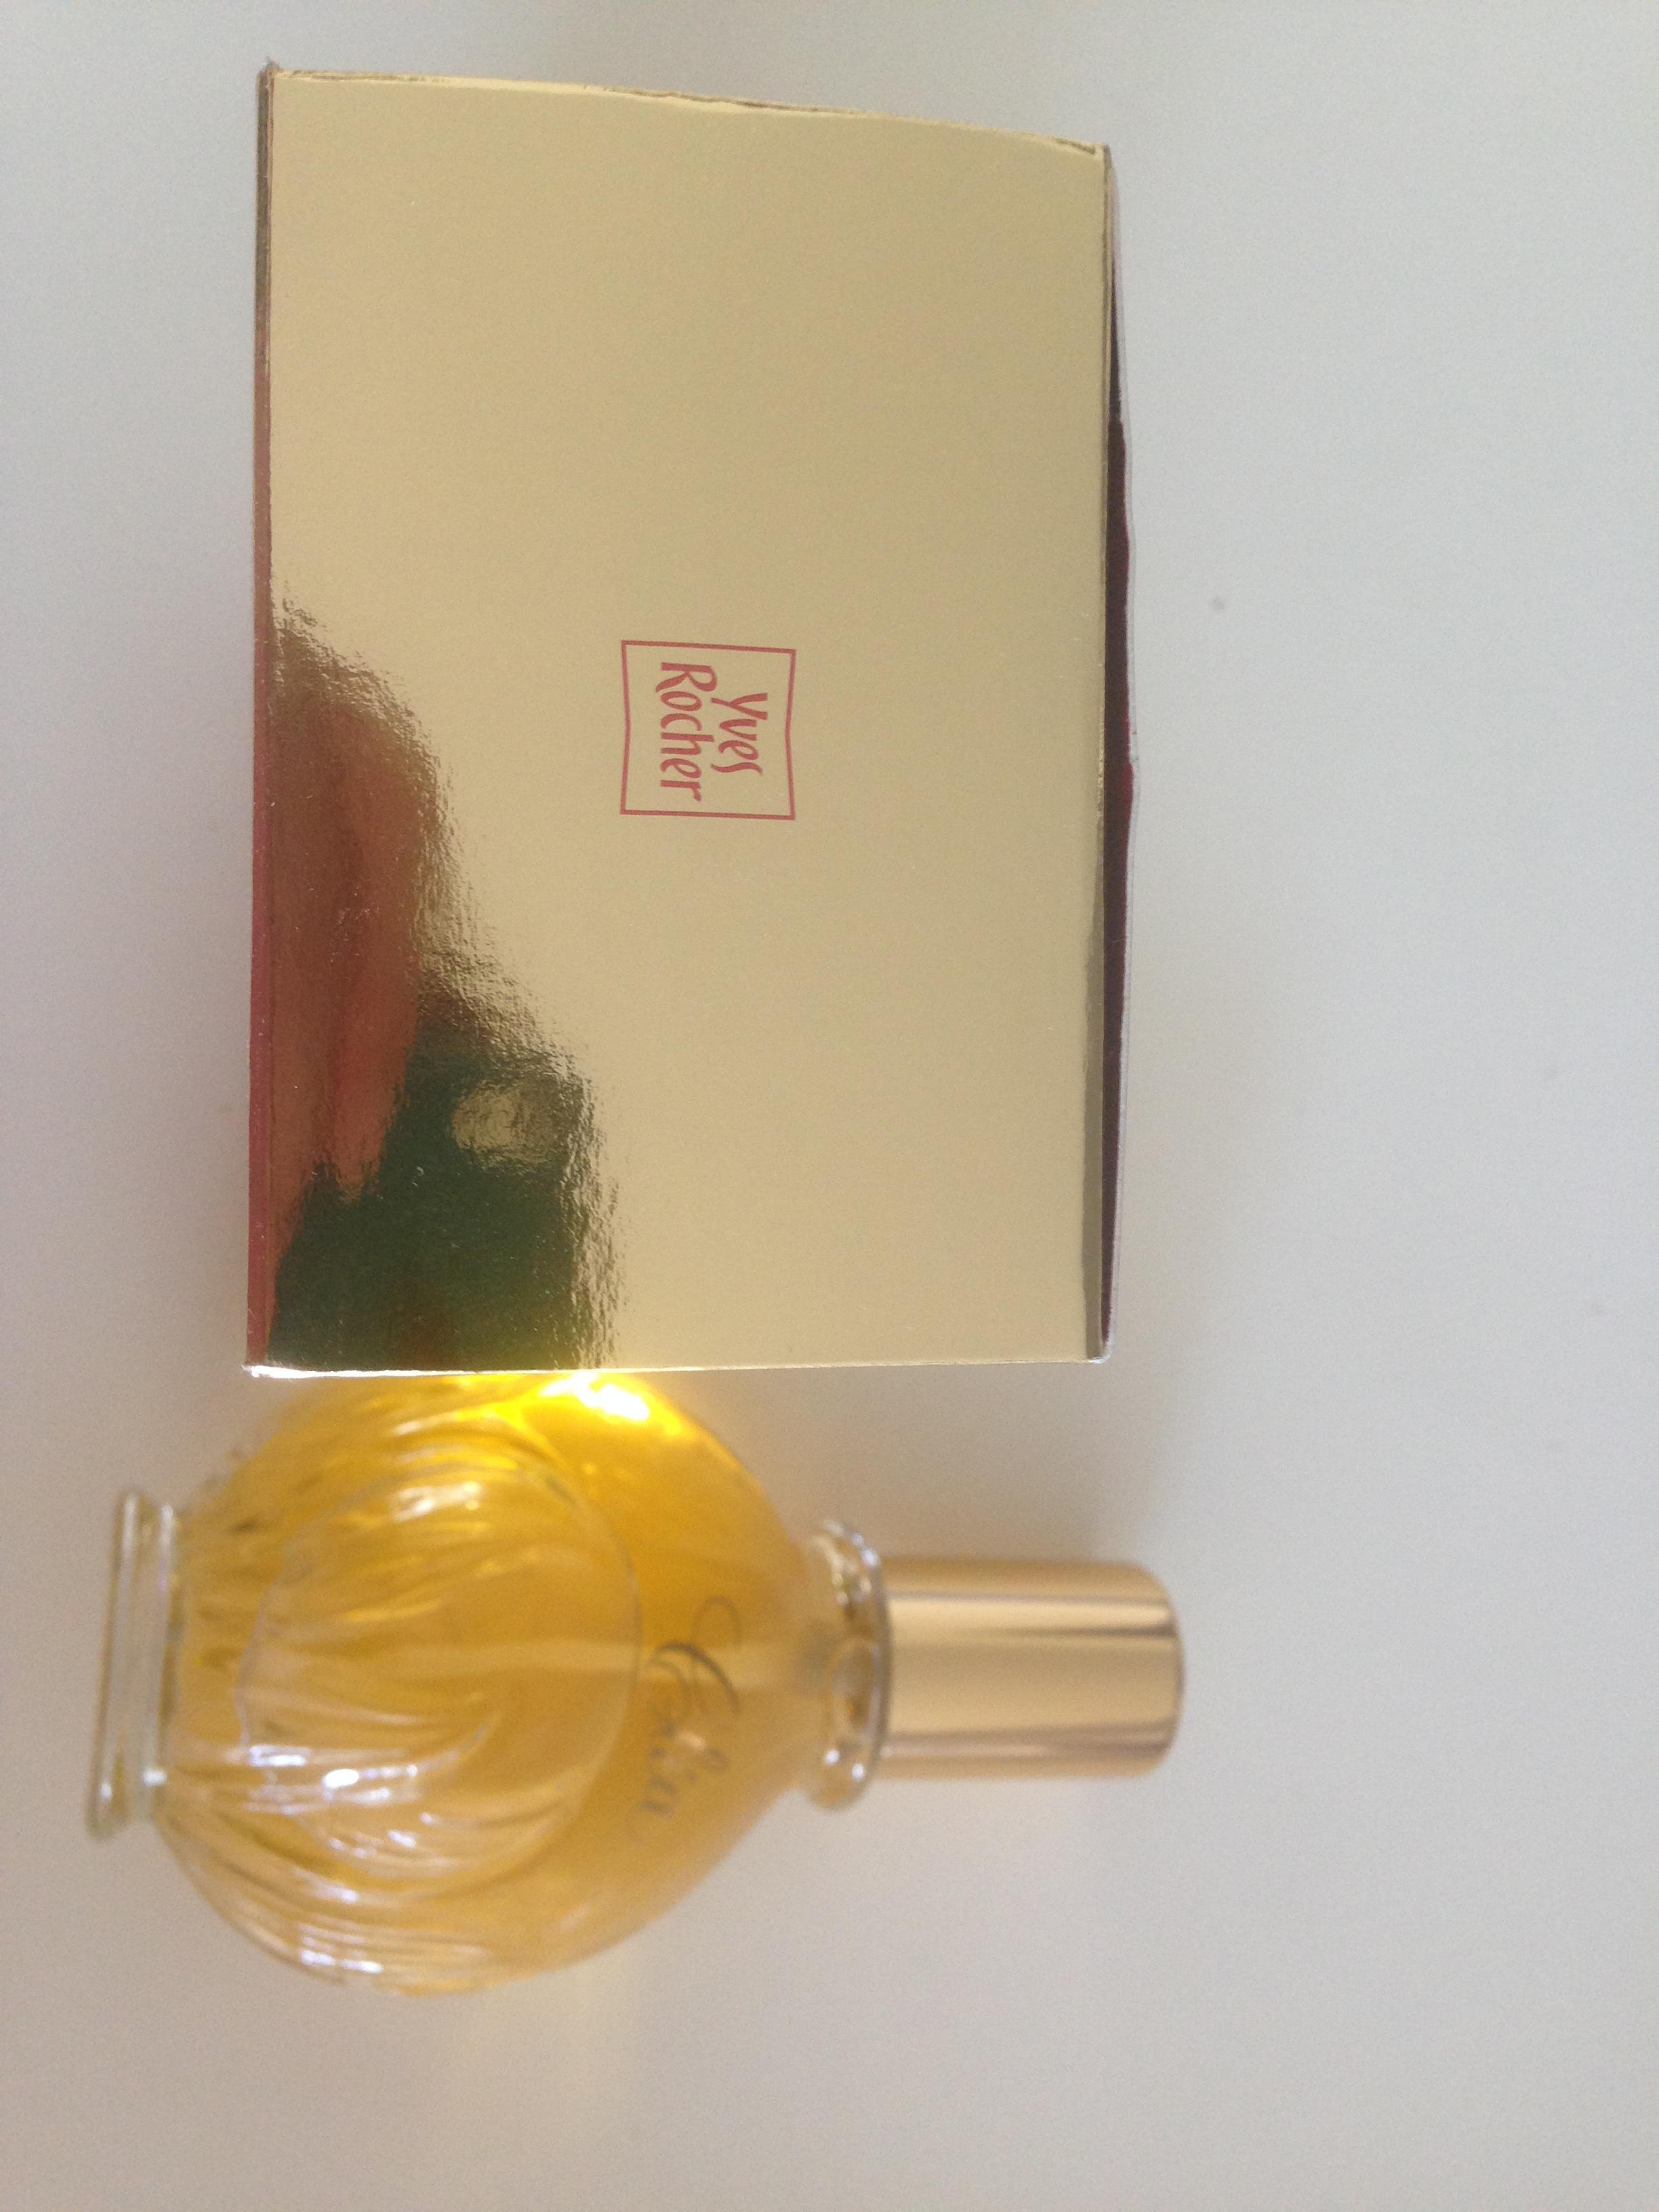 troc de troc troc parfum image 0